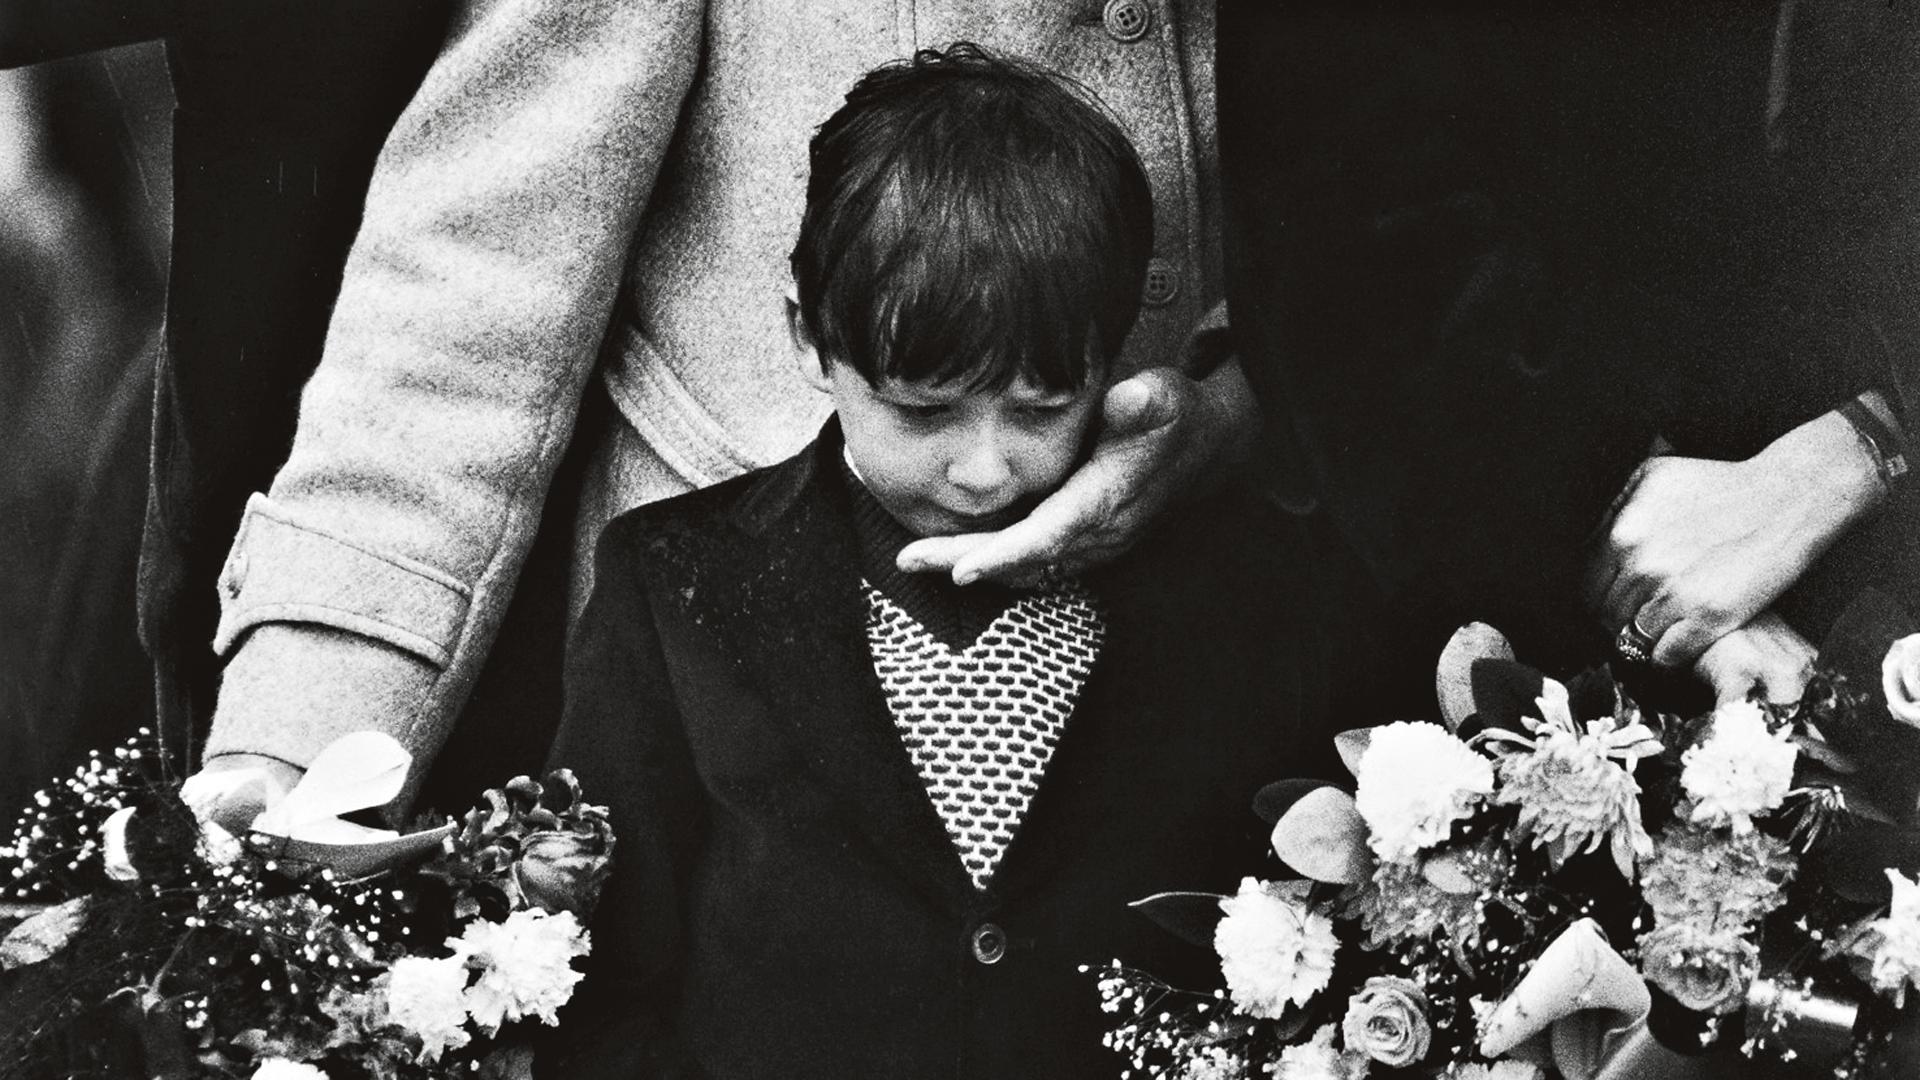 Bobby Sandsin poika isänsä arkun äärellä